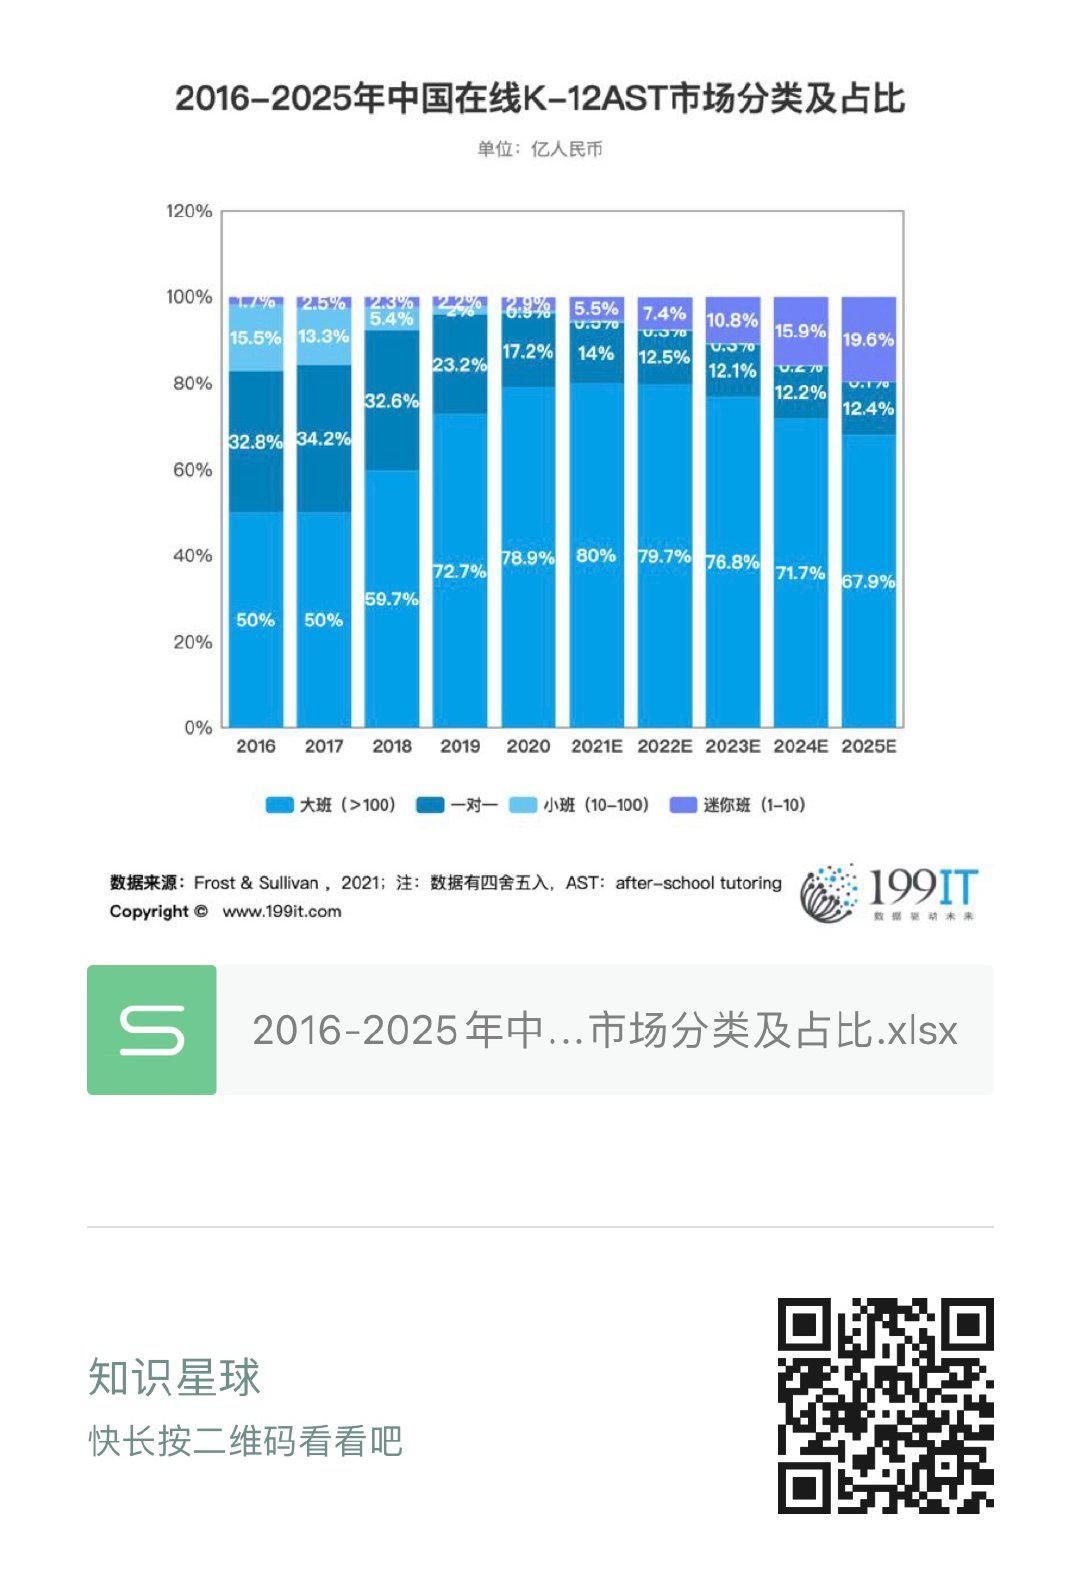 2016-2025年中國線上K-12AST市場分類及佔比(附原資料表) 